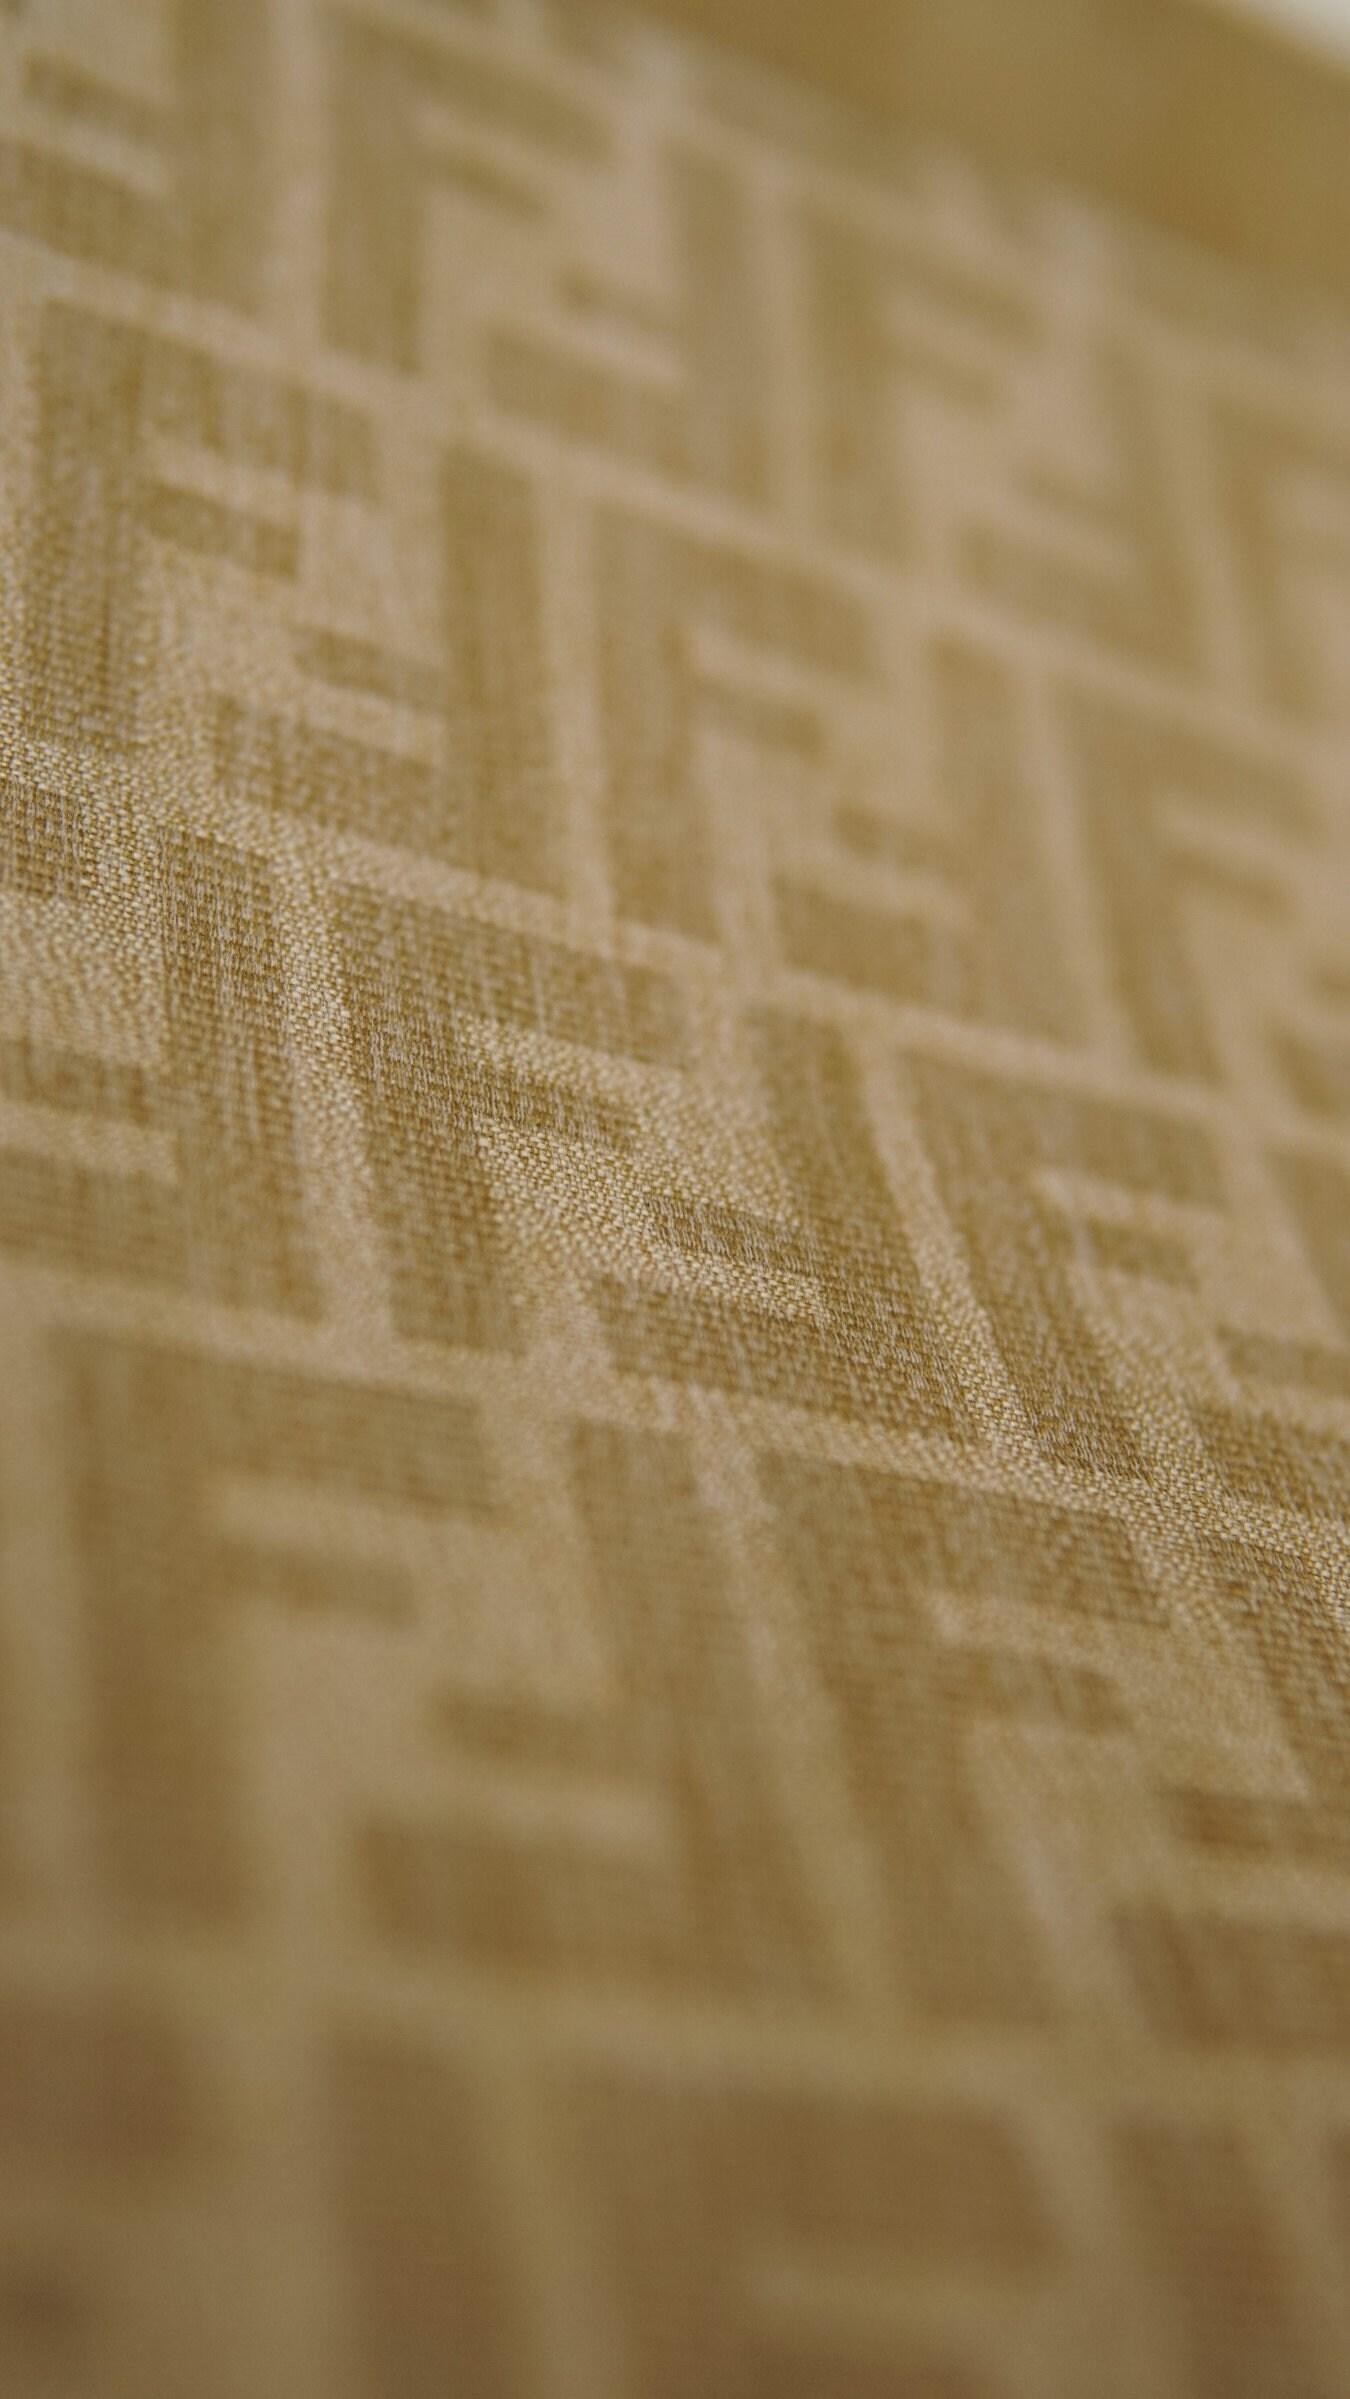 Cuscini Fendi.Original Fendi Fabric Etsy